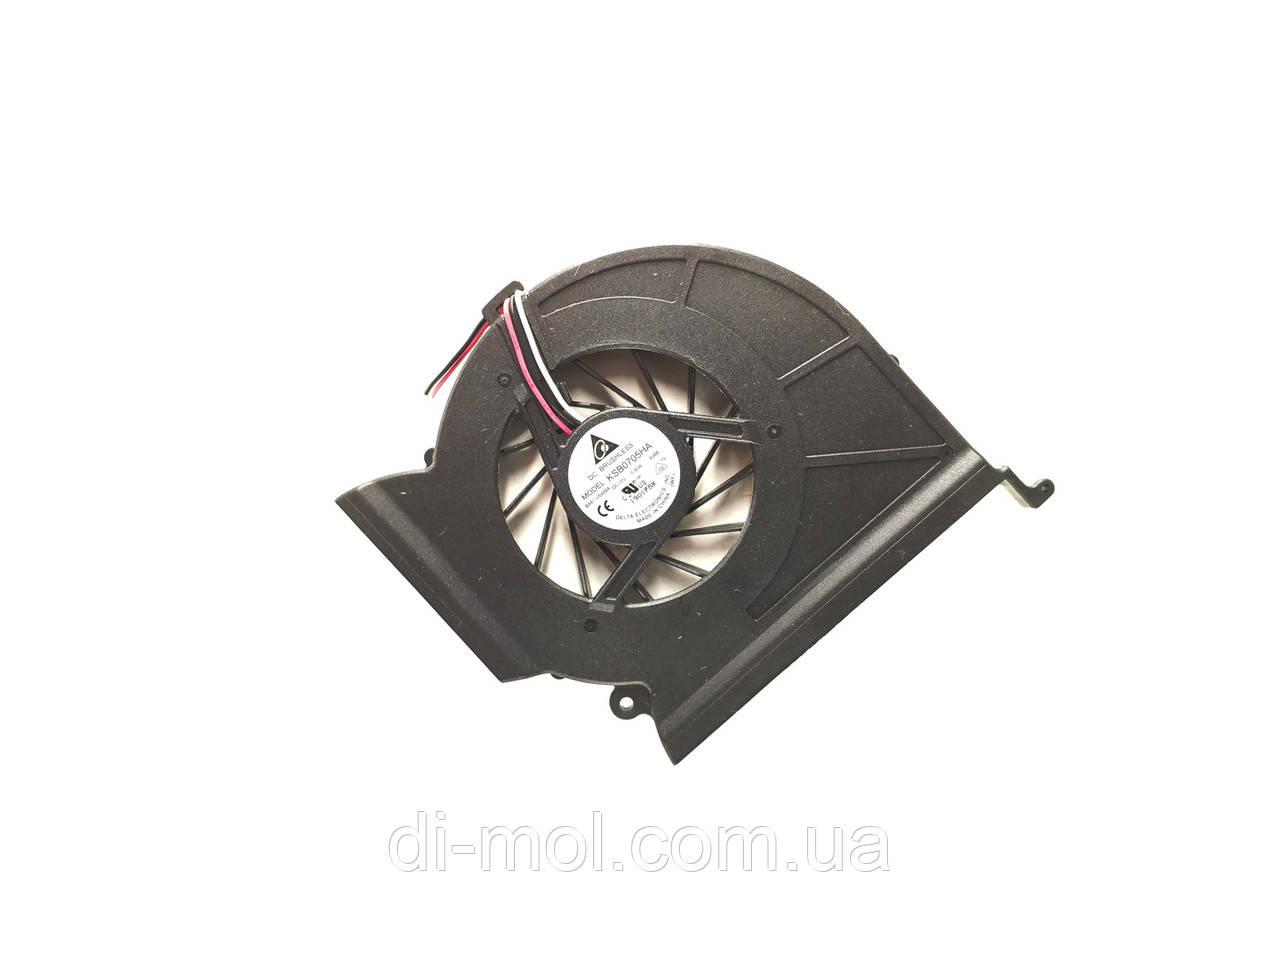 Вентилятор для ноутбука Samsung R728, R730, R750, R770, R780, E372, RC730, RC530 series, 3-pin